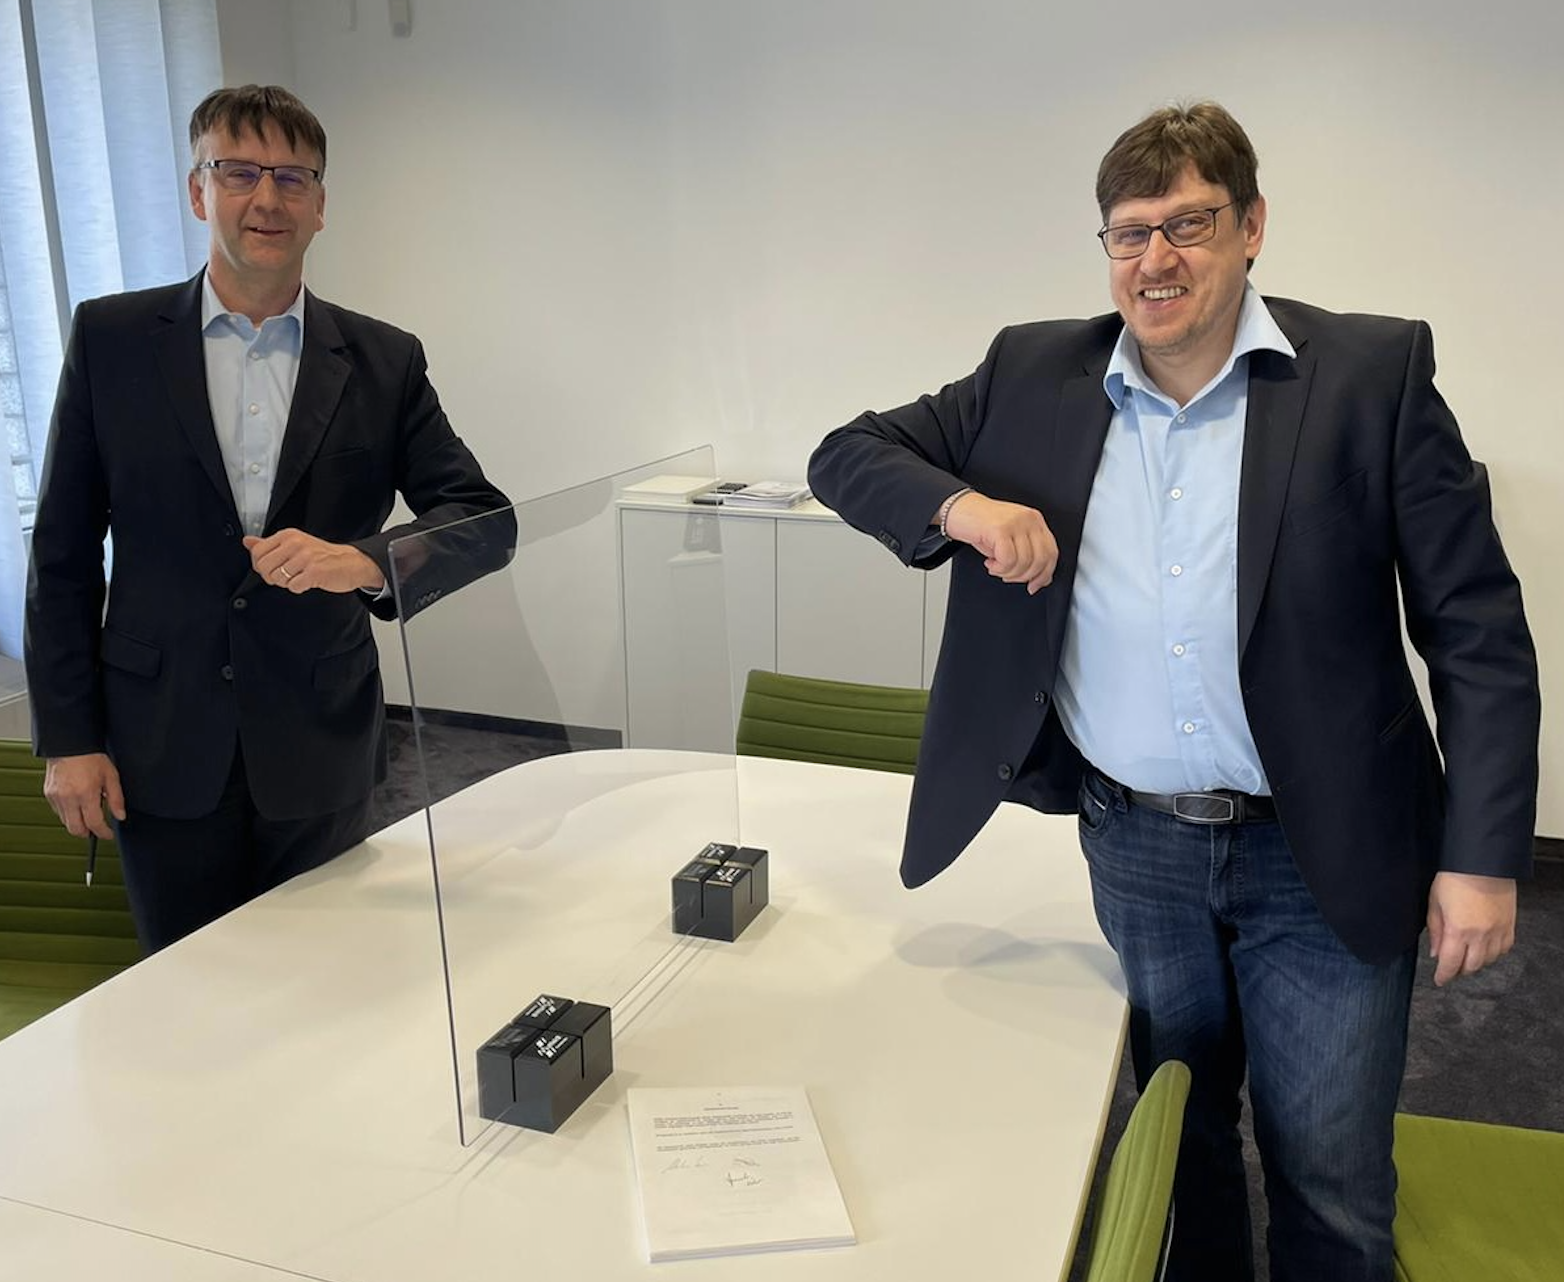 Neue Kooperation in der Logistikbranche: MVB CONSULTING GMBH kooperiert mit catkin GmbH